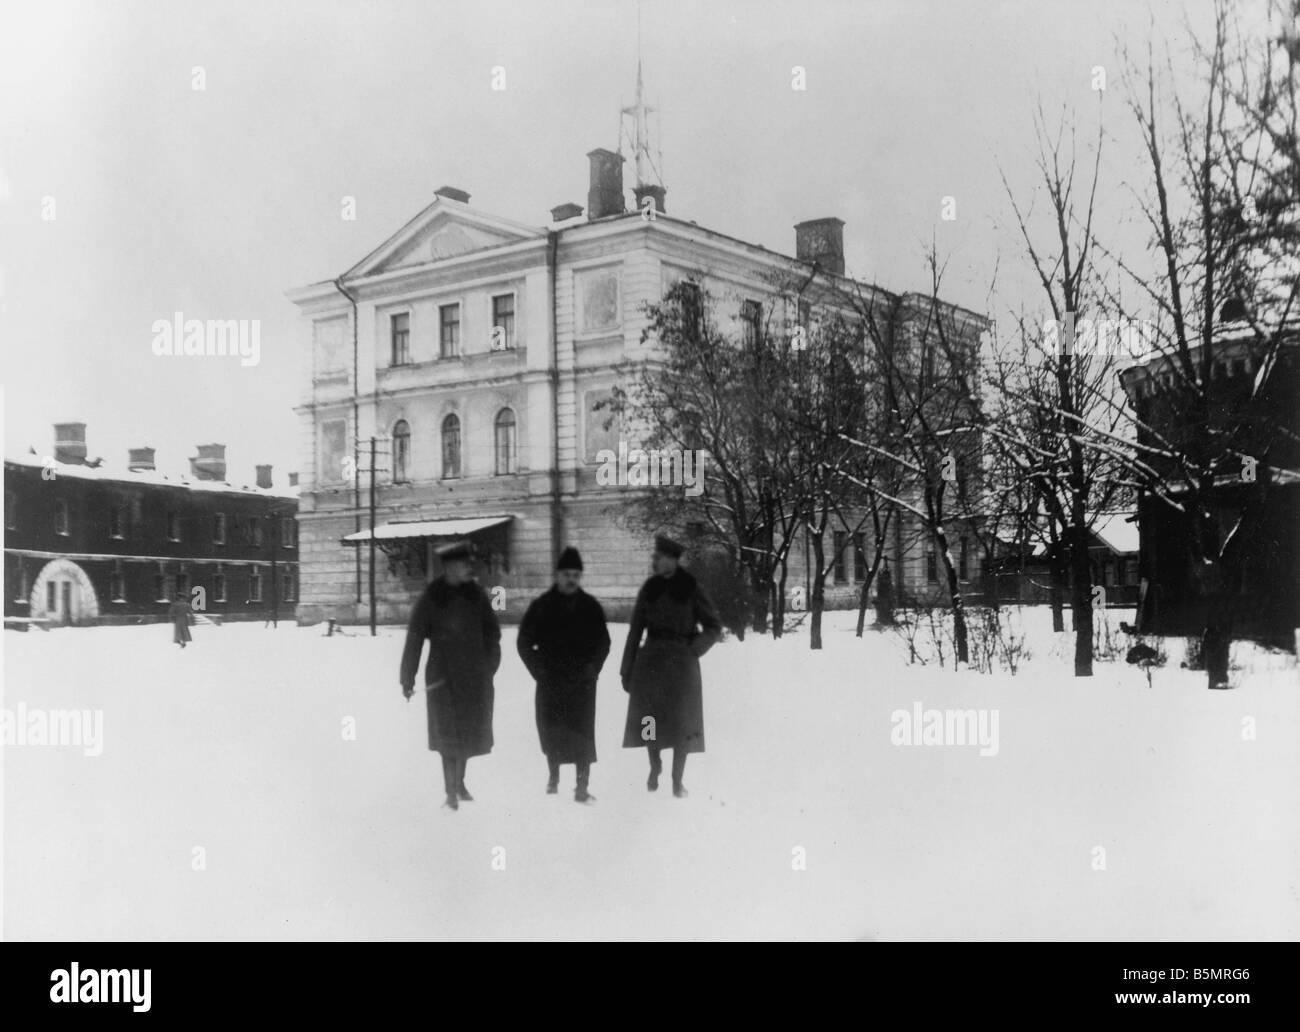 9 1917 1215 A1 2 immeubles Conférence 1917 World War 1 1914 18 l'armistice Allemand Russe de Brest Litowsk Photo Stock